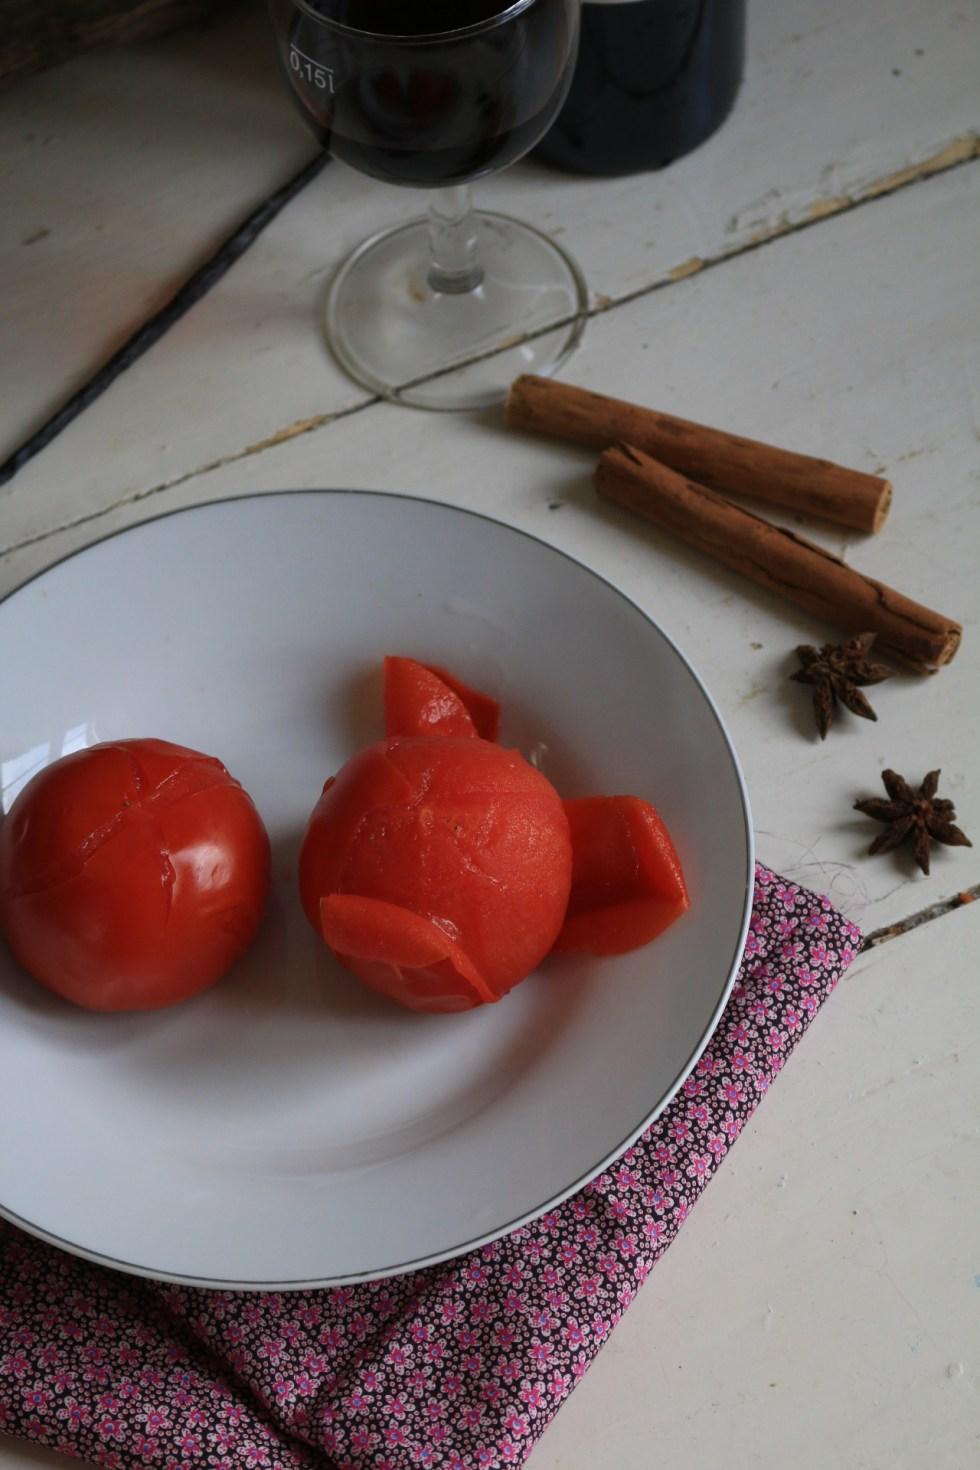 煮鍋開水將番茄尾部劃十字放入開水裡煮2~3分鐘,撈起泡冷水,去番茄皮.